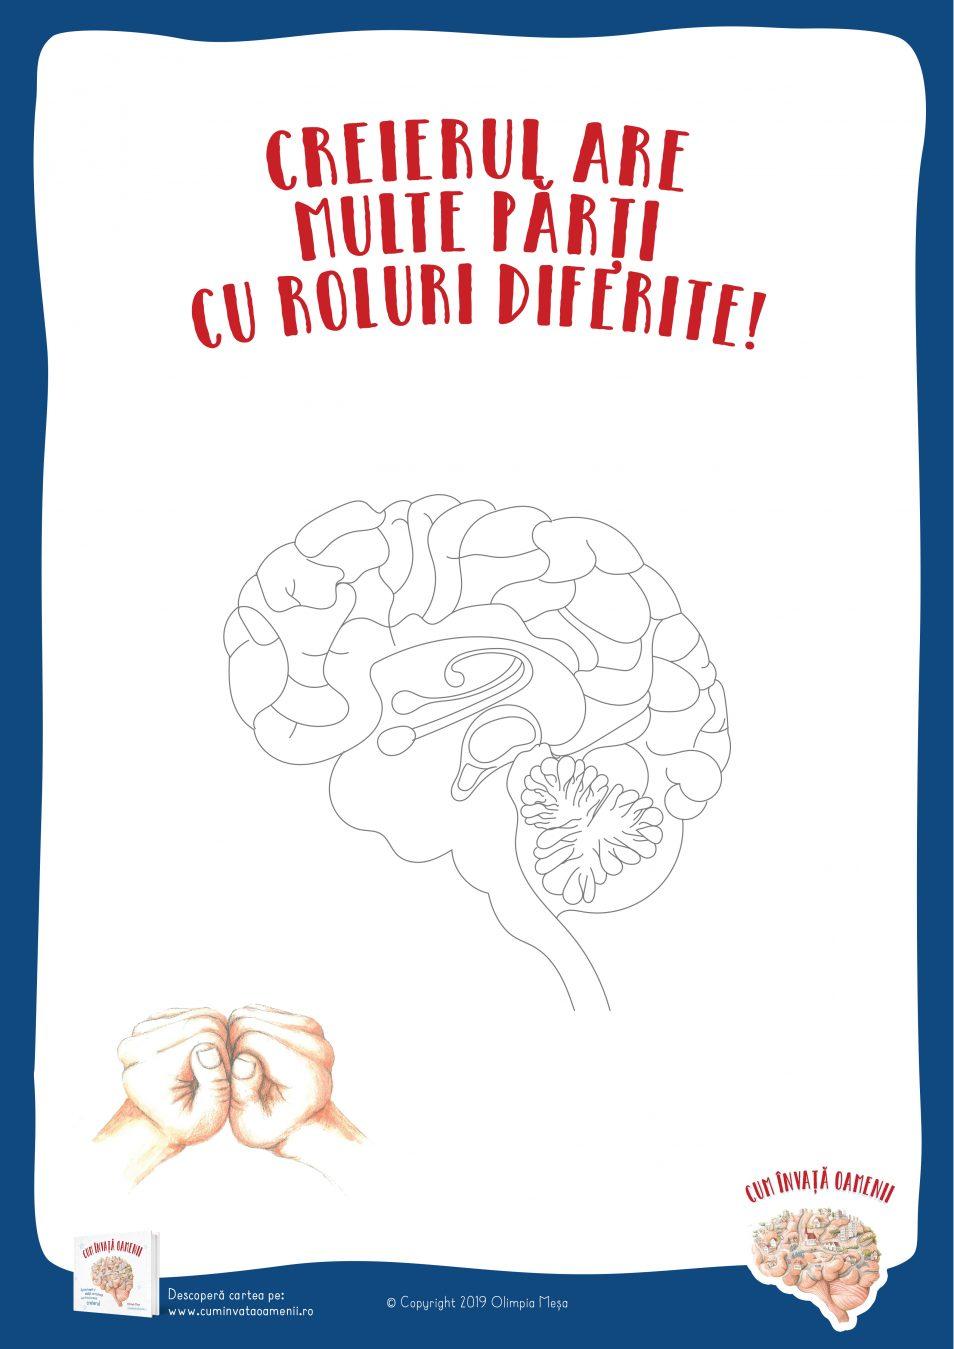 Poster: Creierul are multe parti cu roluri diferite!